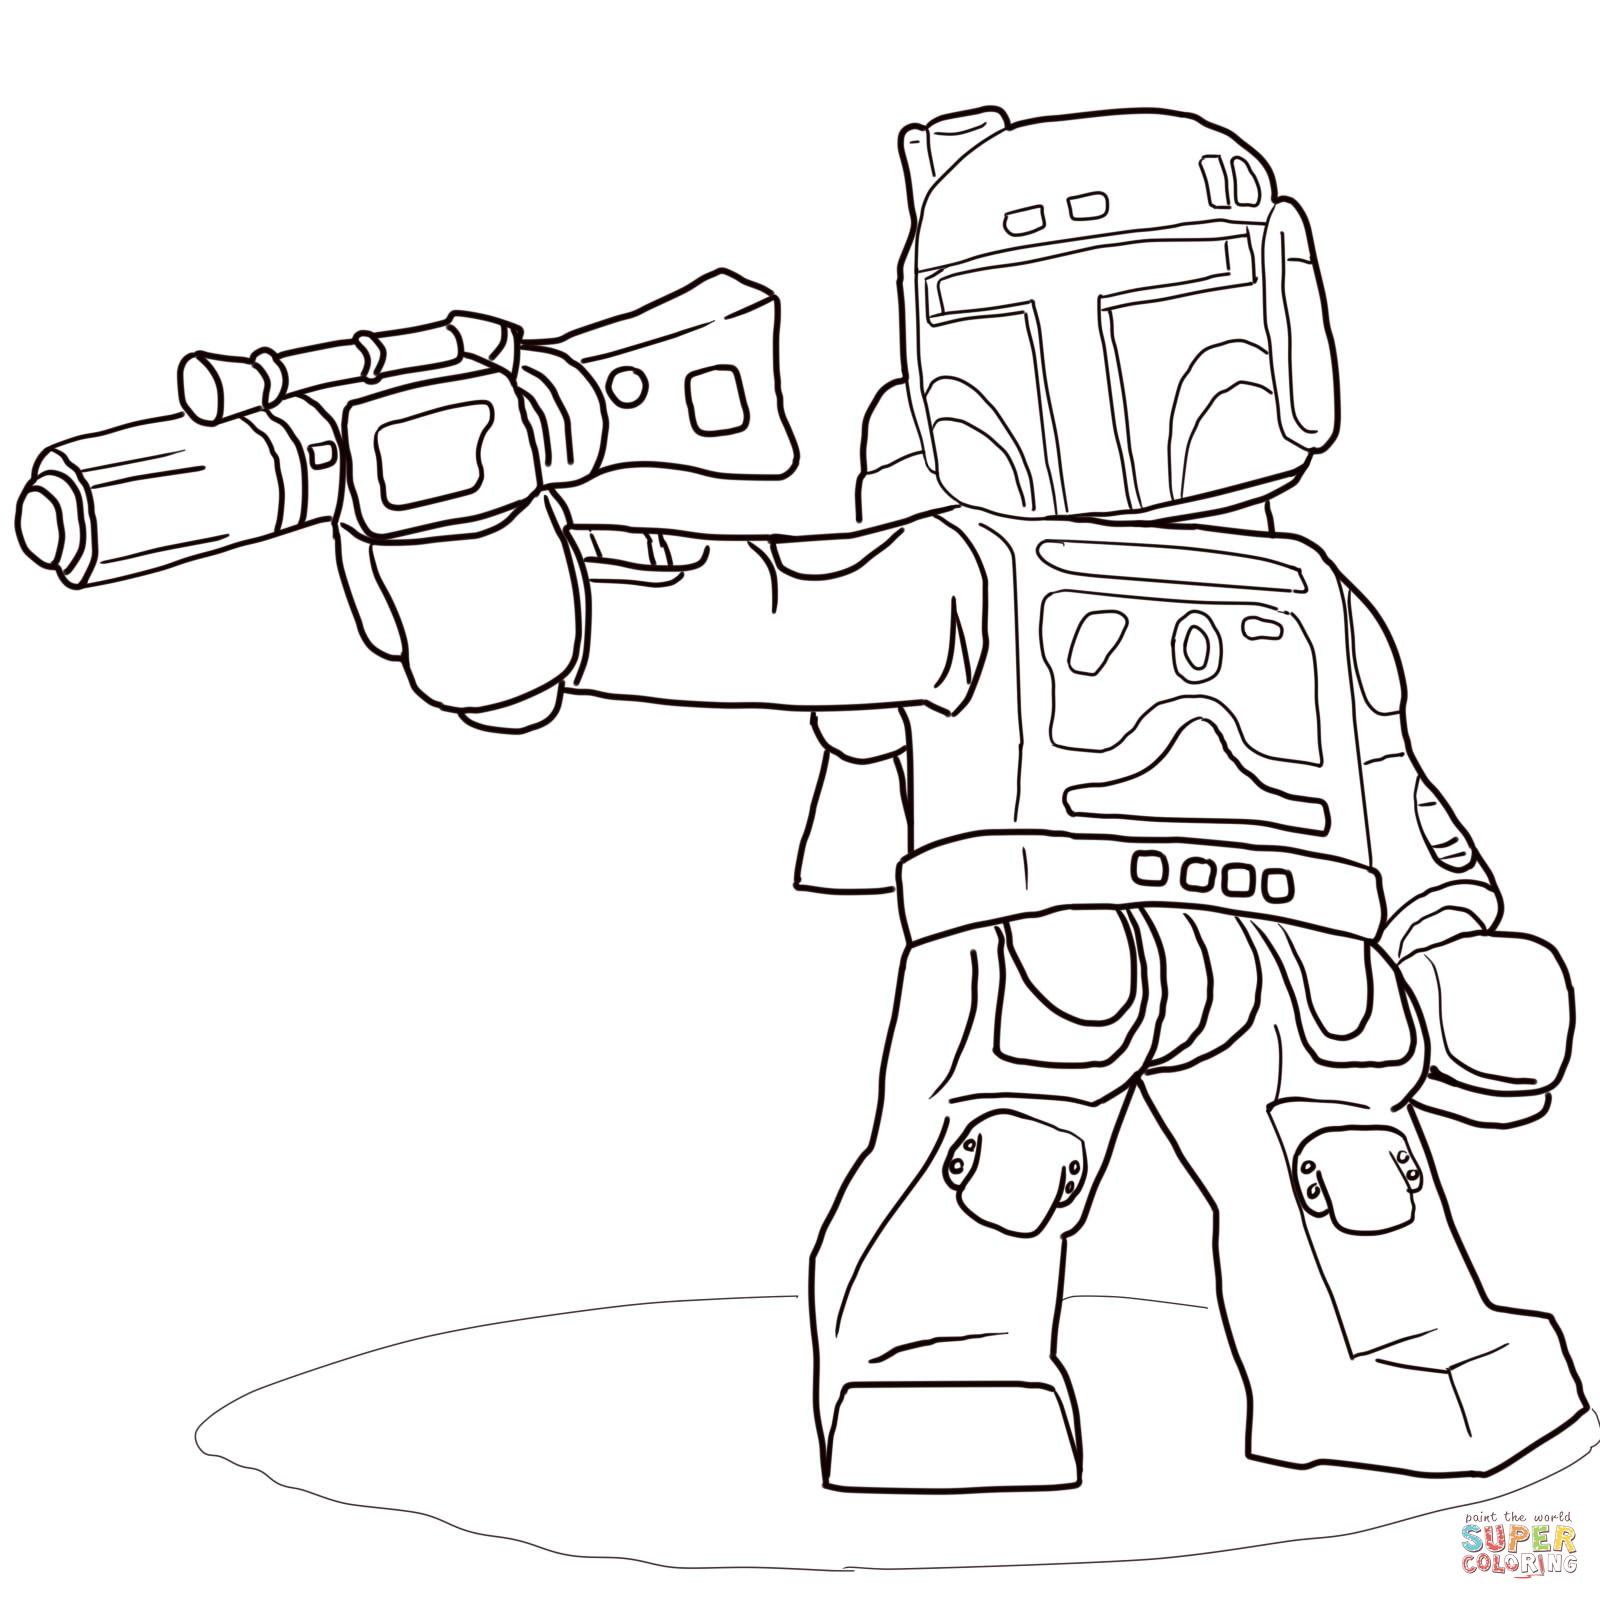 Coloriage Star Wars Lego u00e0 colorier - Dessin u00e0 imprimer